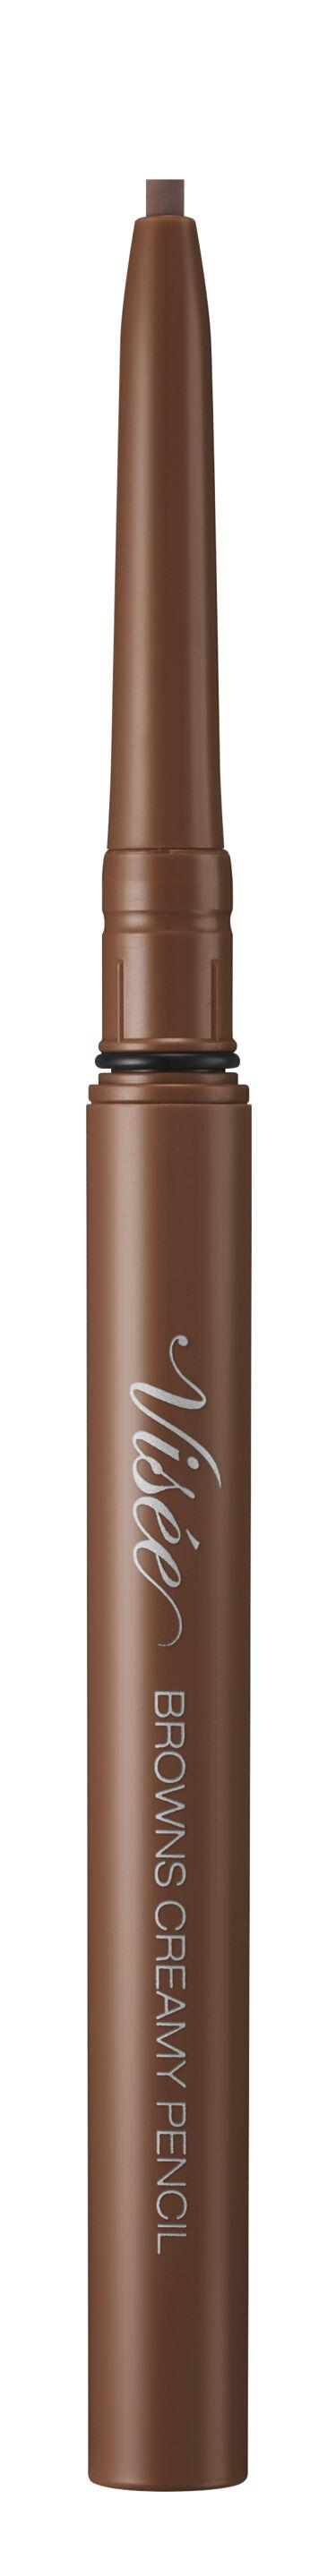 ブラウンズ クリーミィペンシル BR300 チョコブラウン